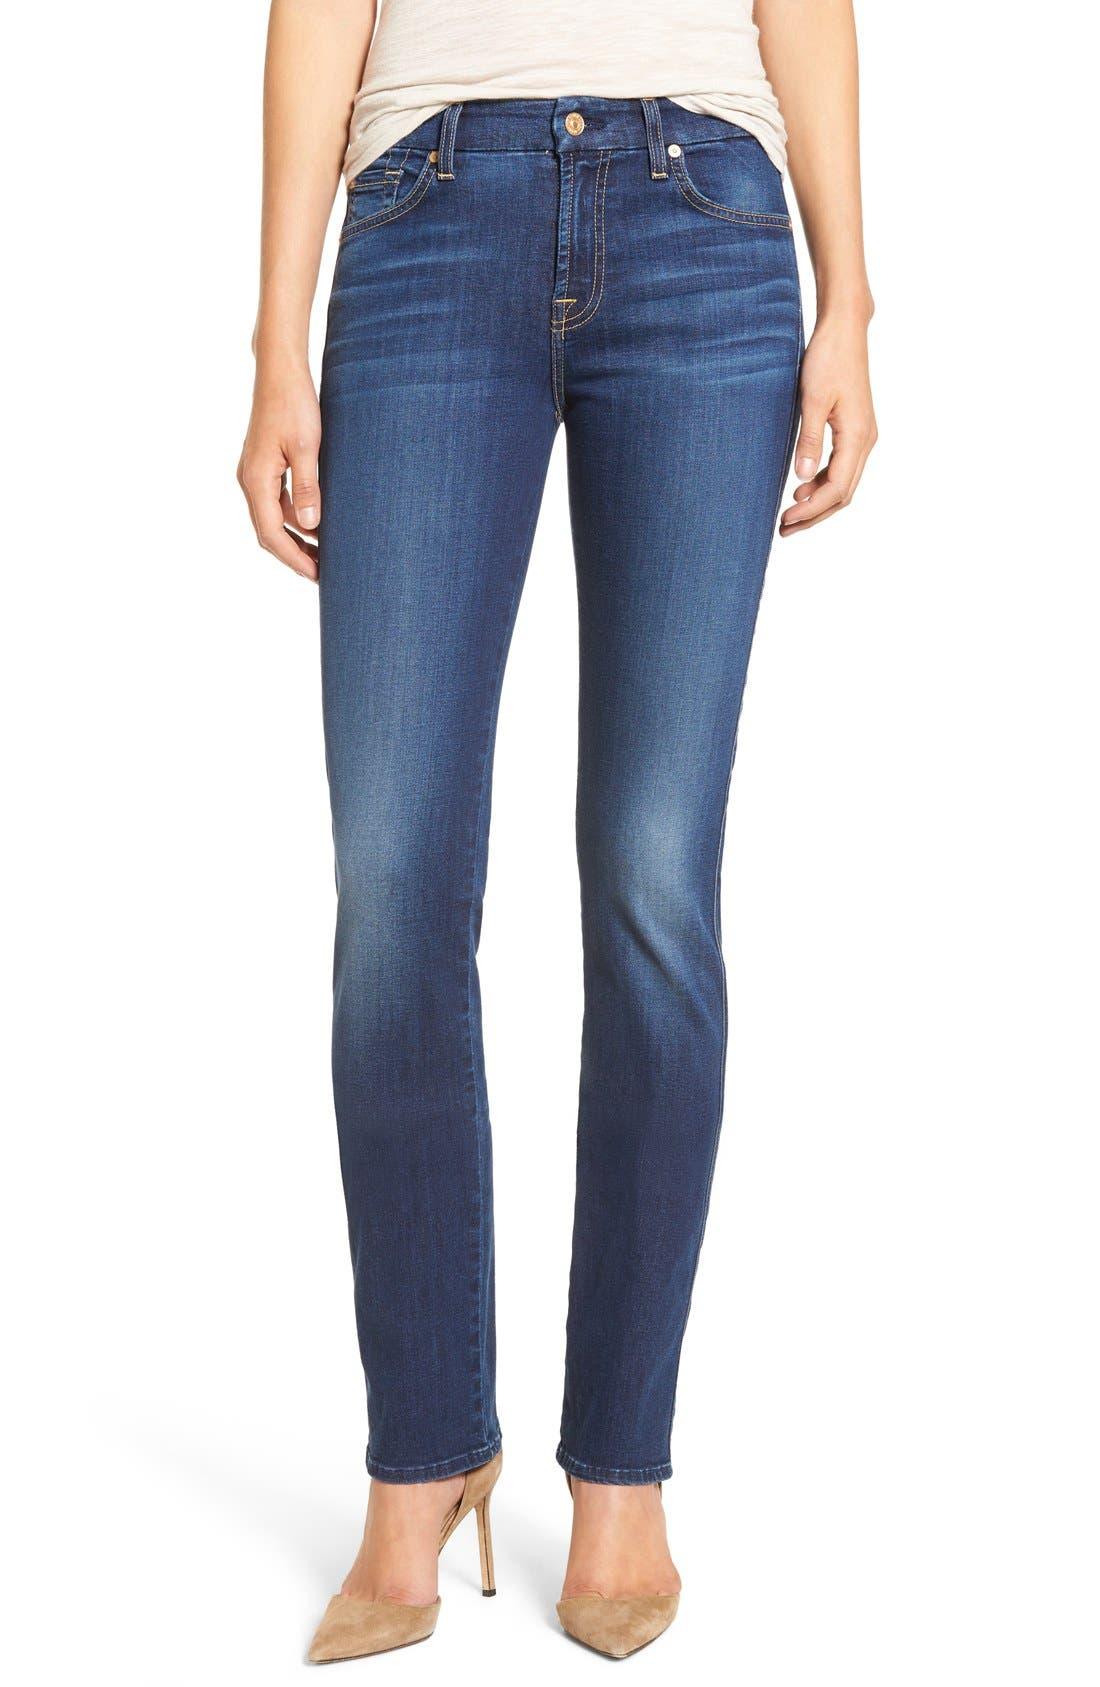 7 FOR ALL MANKIND<SUP>®</SUP>, b(air) Kimmie Straight Leg Jeans, Main thumbnail 1, color, DUCHESS